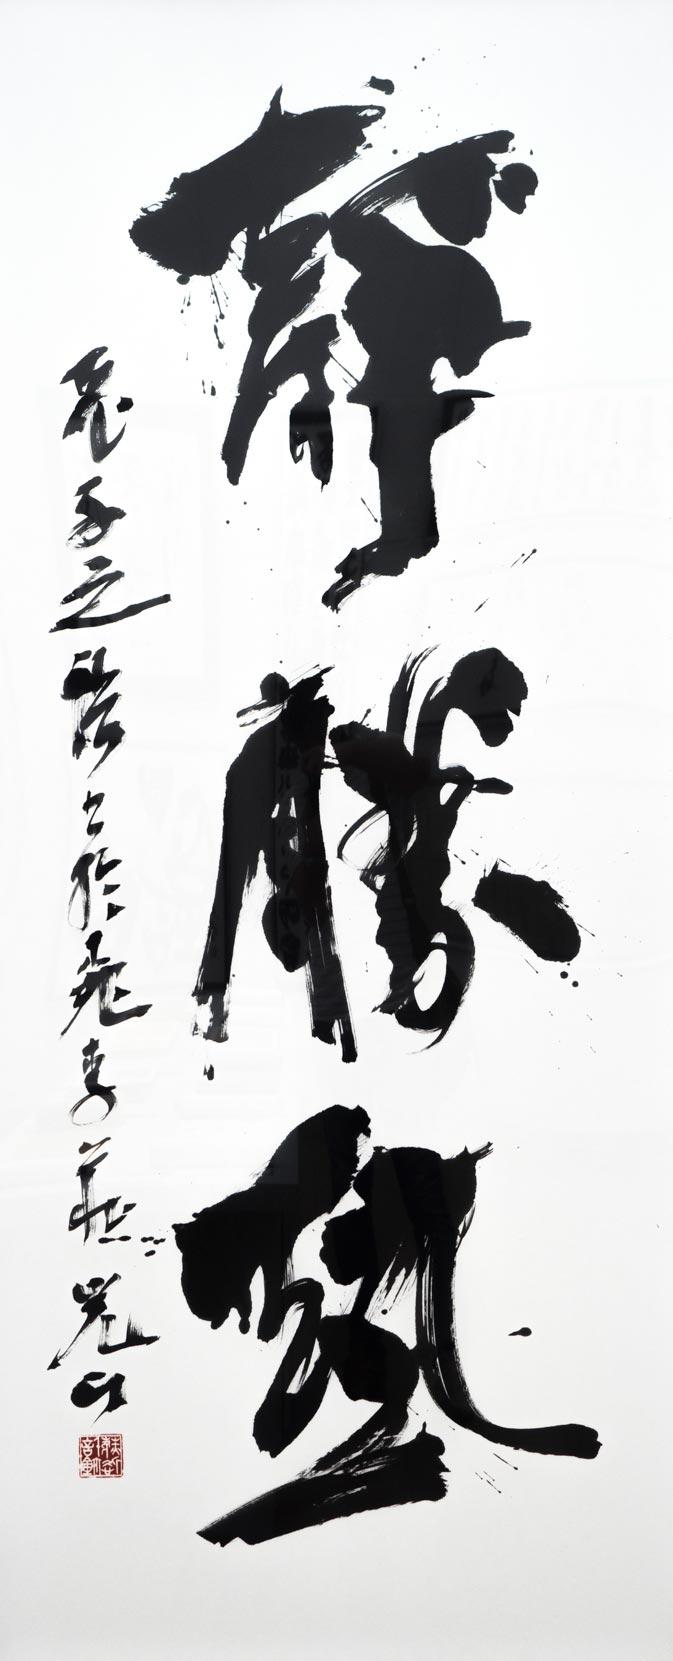 2017-jp-shodo-inspiration-580.jpg